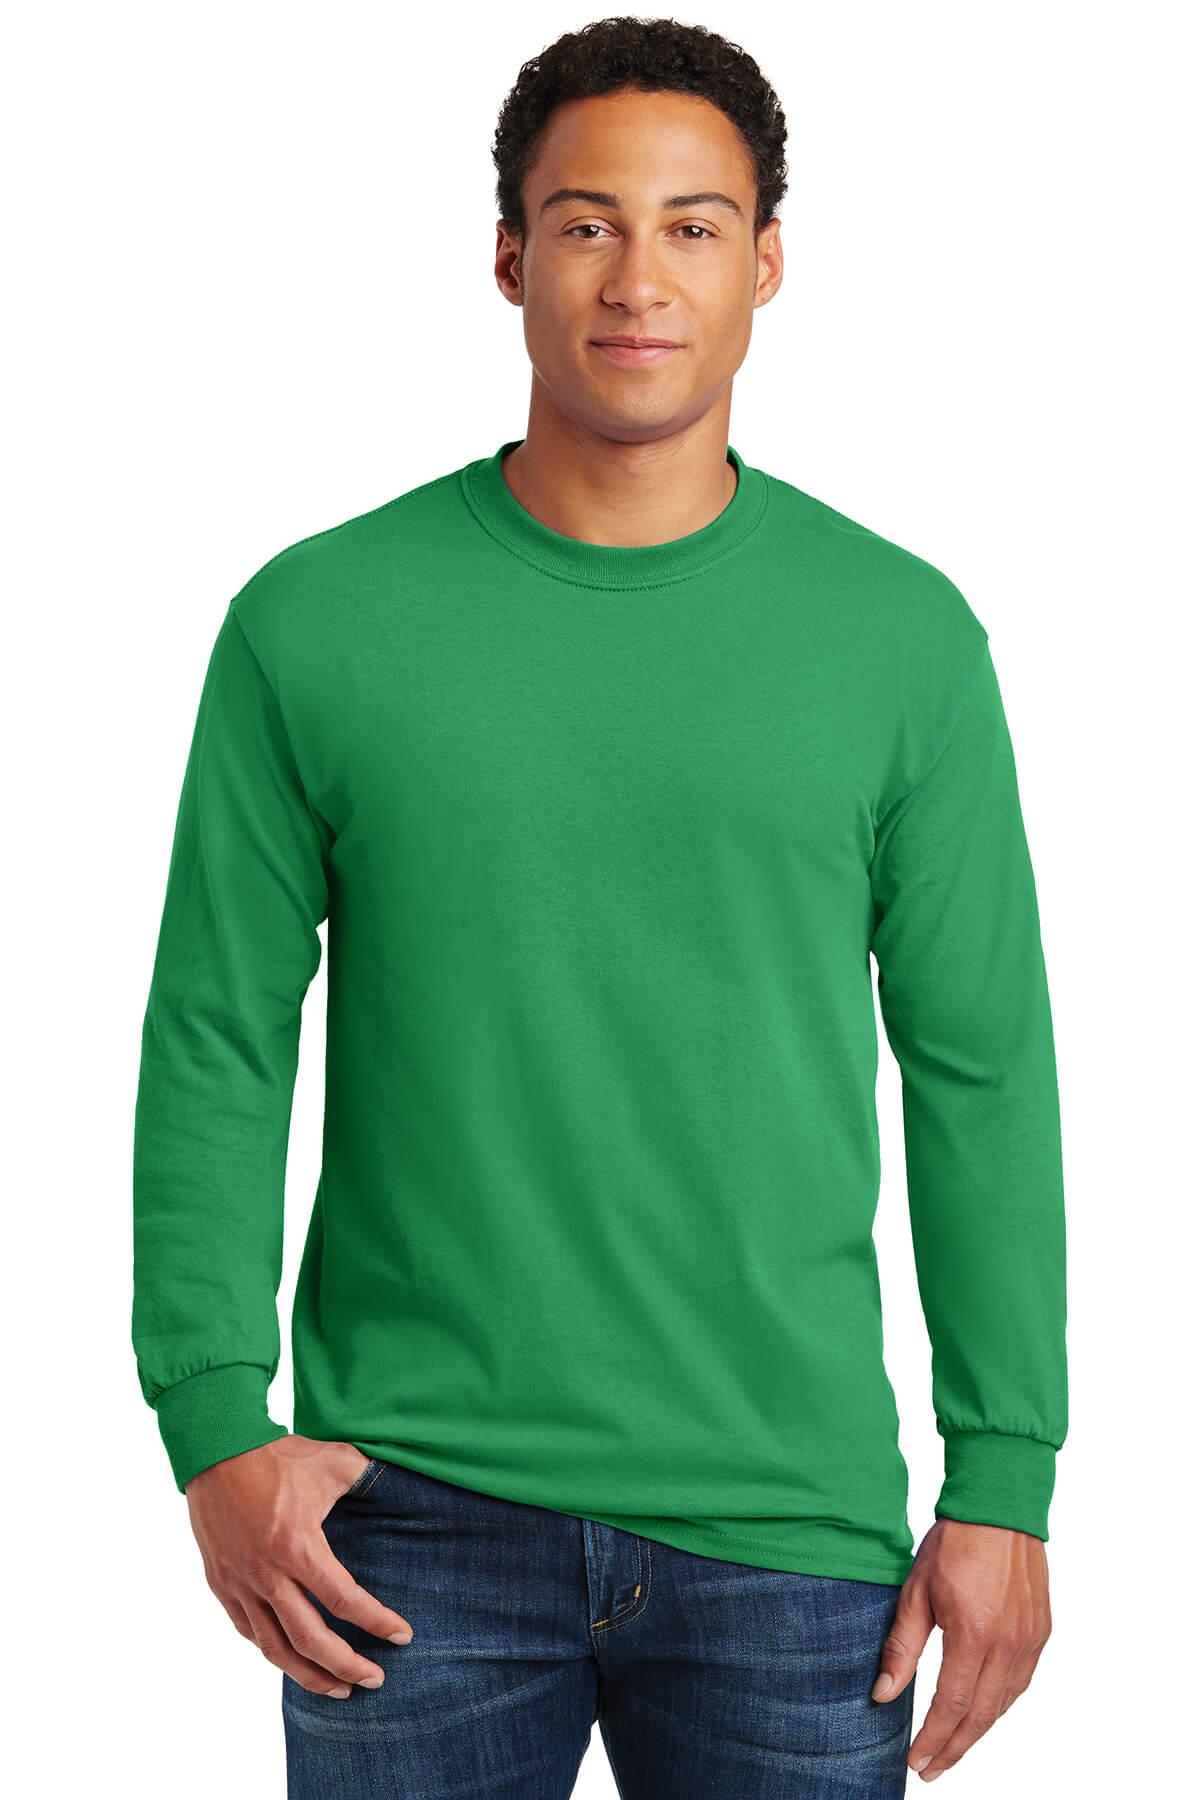 5400-irish-green-1